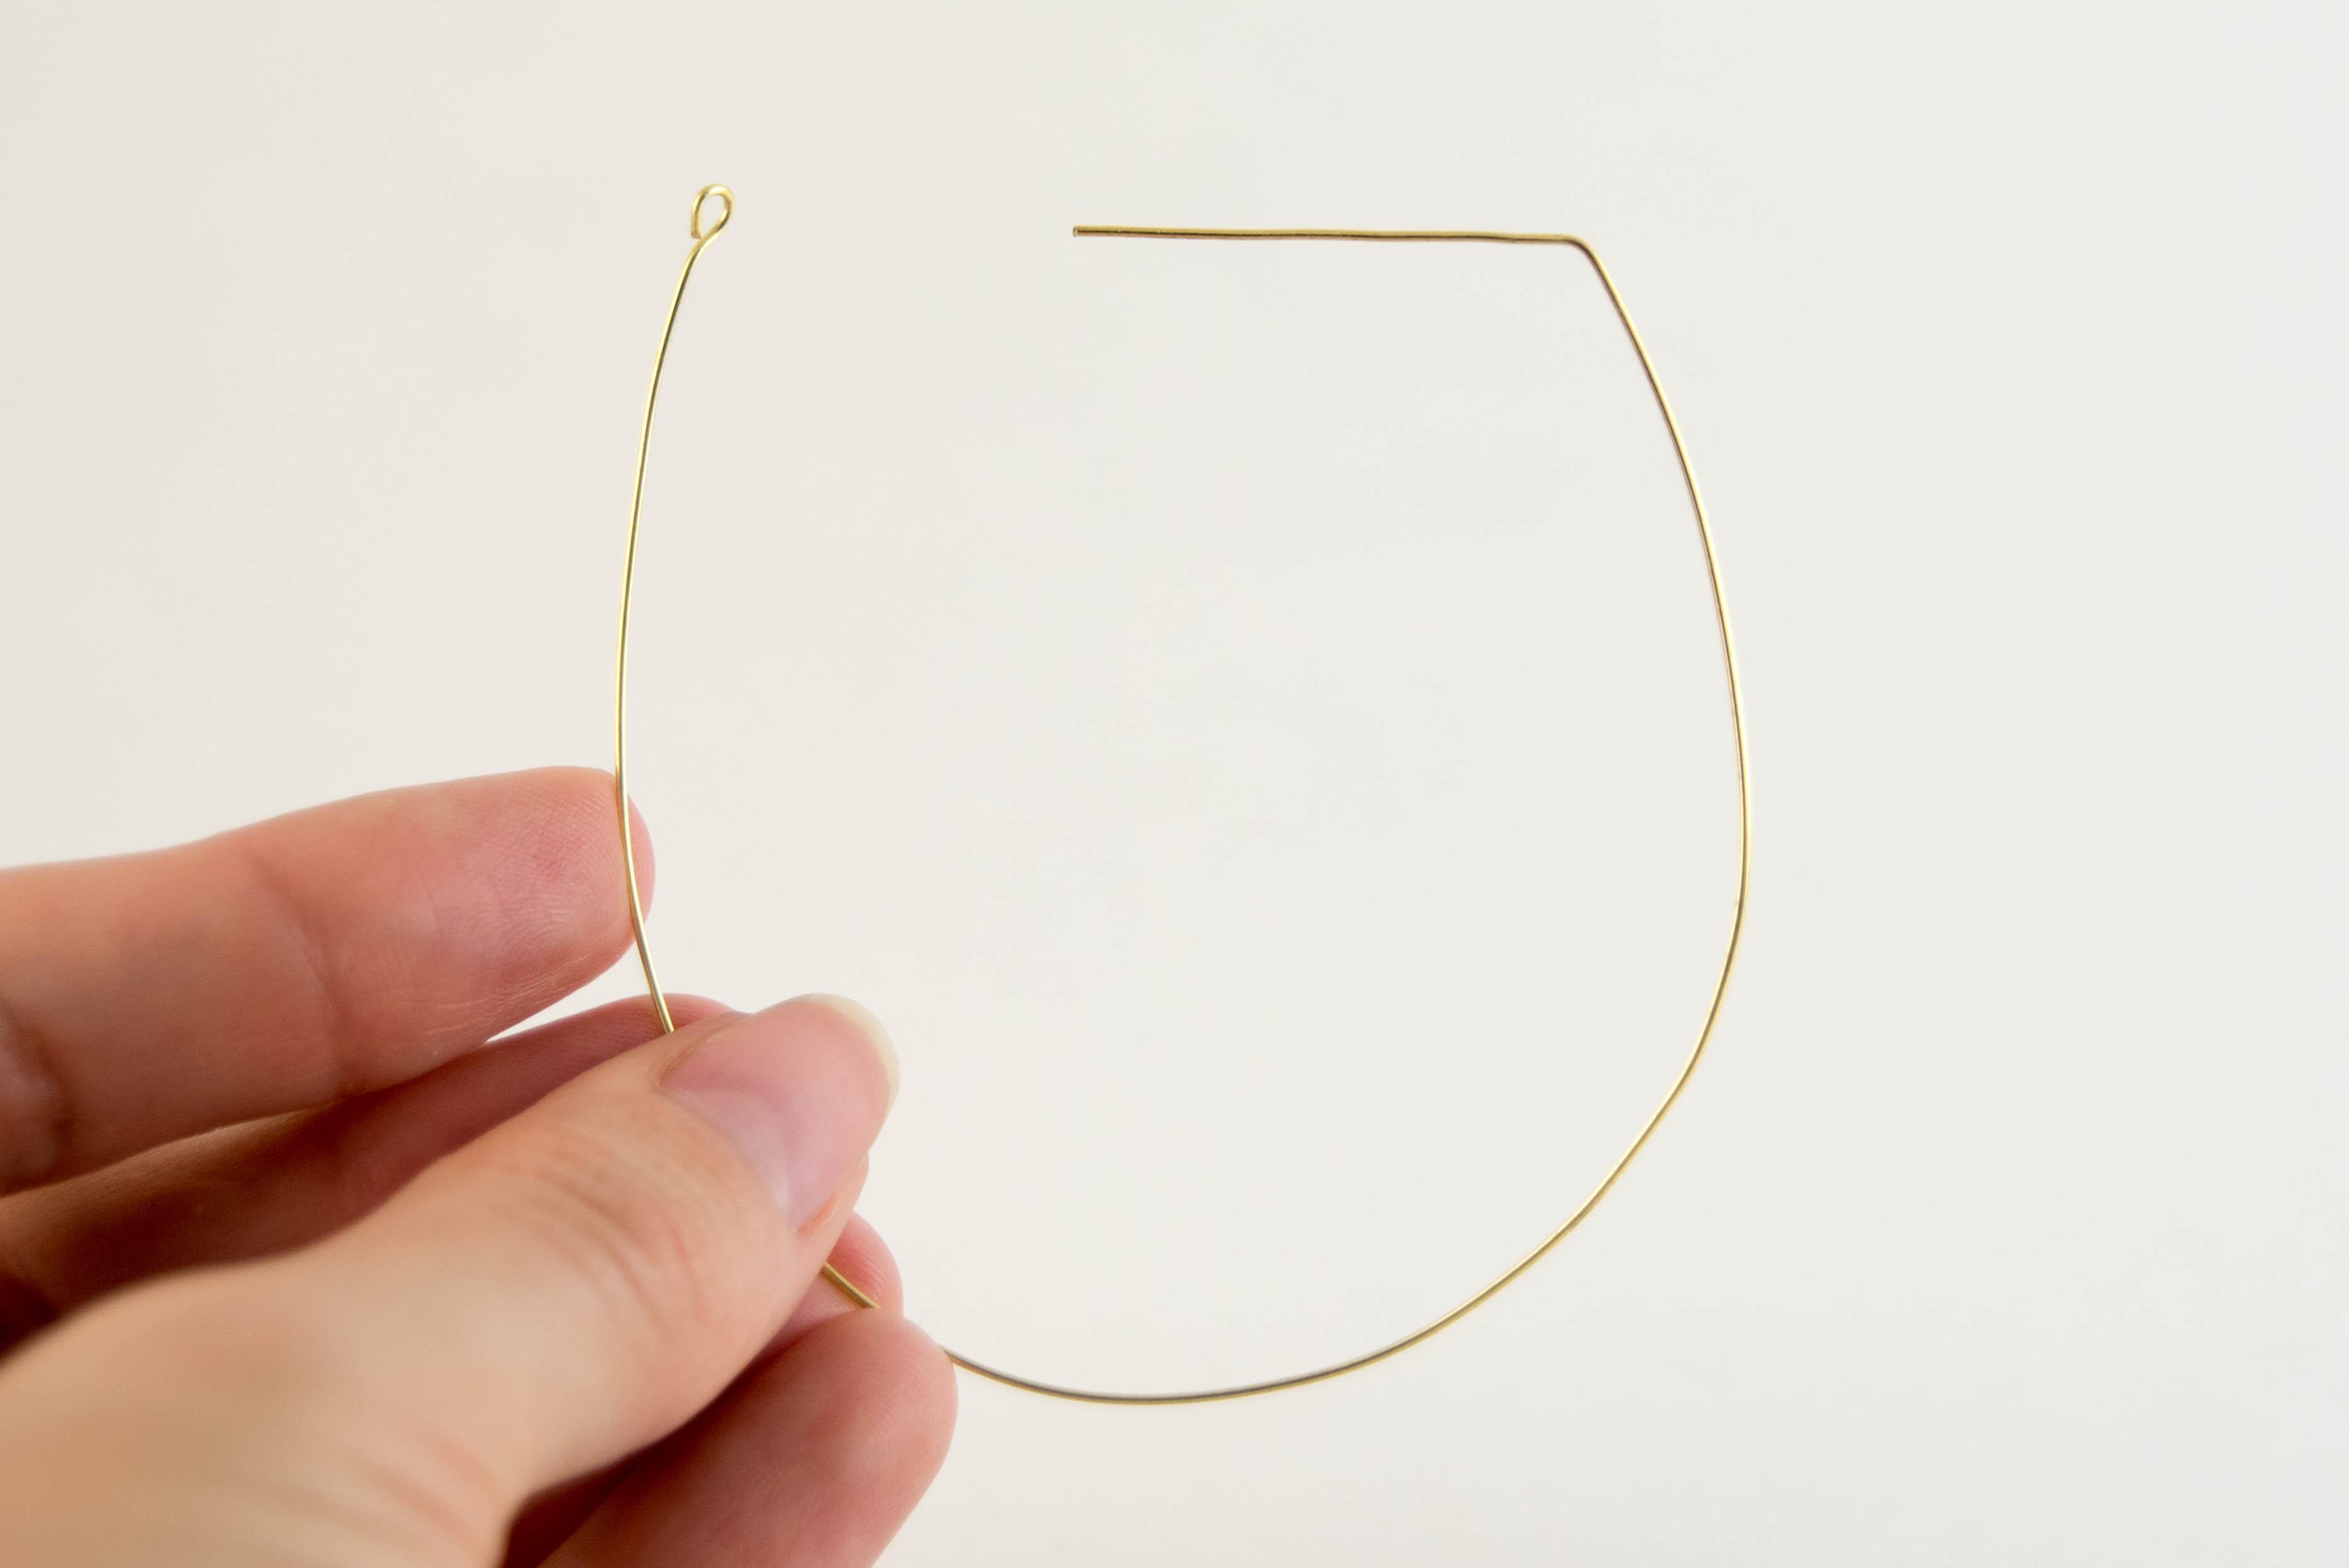 diy threaded earring hoop